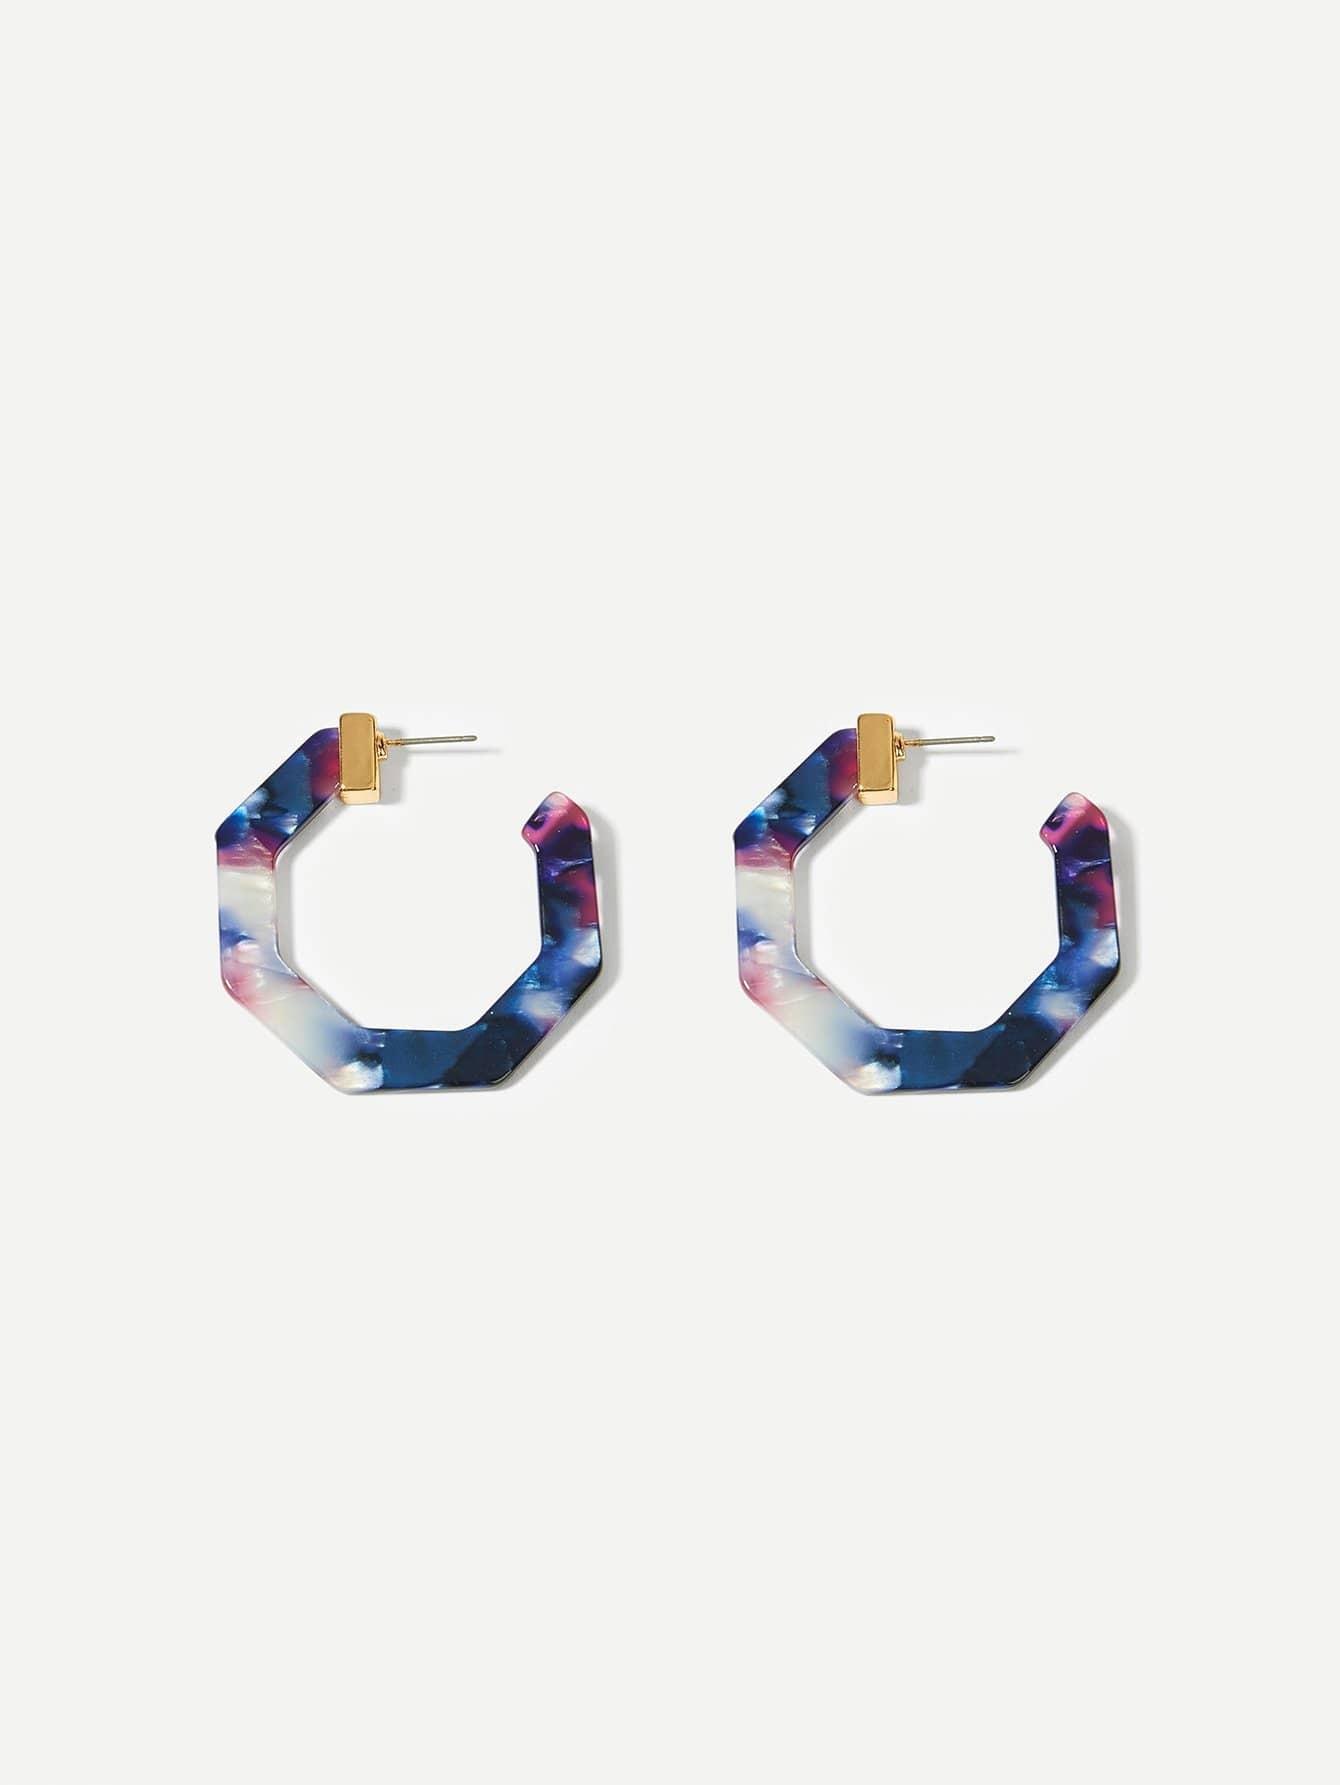 Marble Pattern Geometric Hoop Earrings 1pair